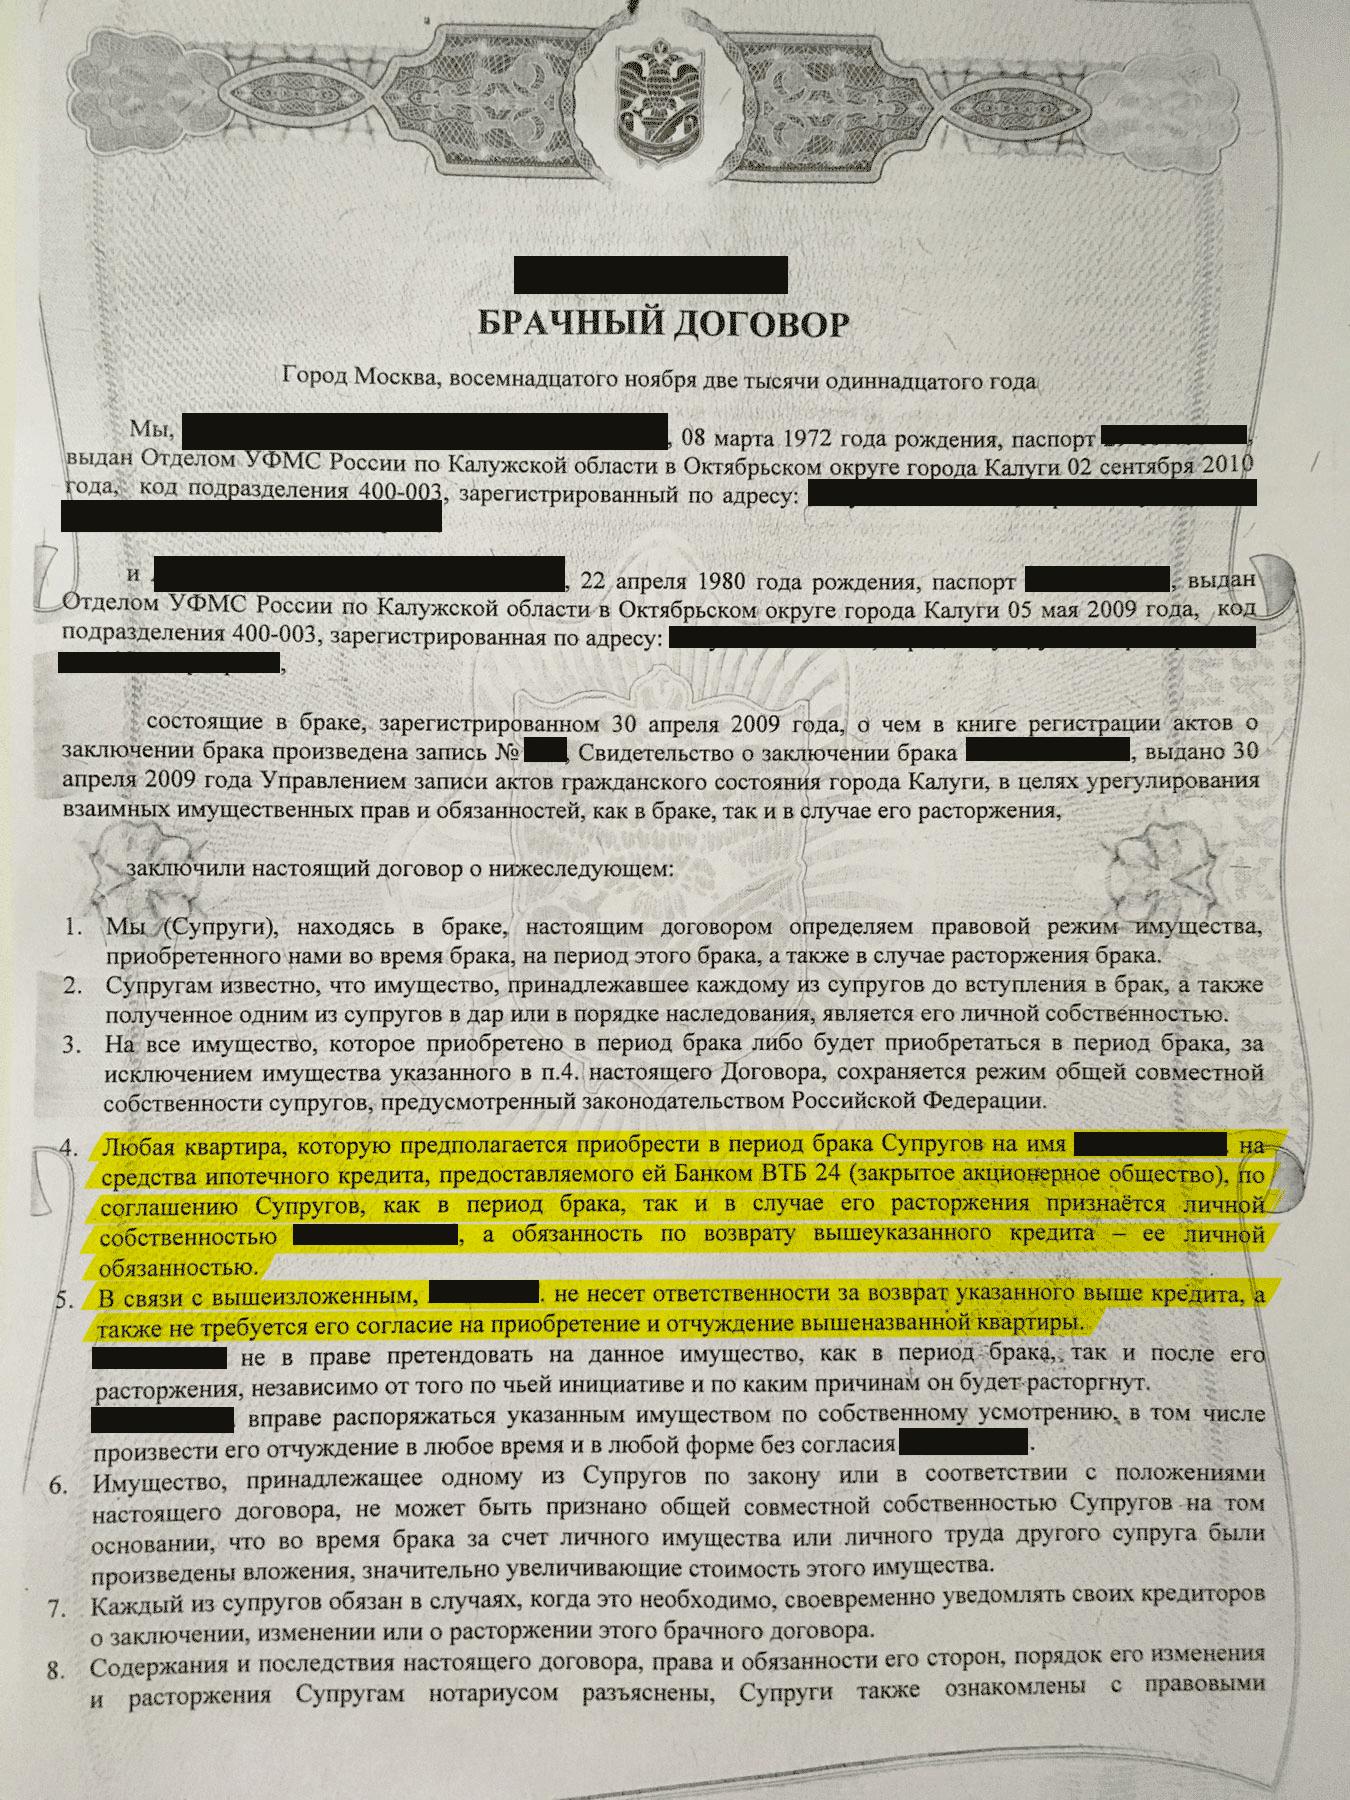 Пример первой страницы брачного договора. Тут указано, что приобретенная за счет ипотечных средств недвижимость принадлежит только одному из супругов